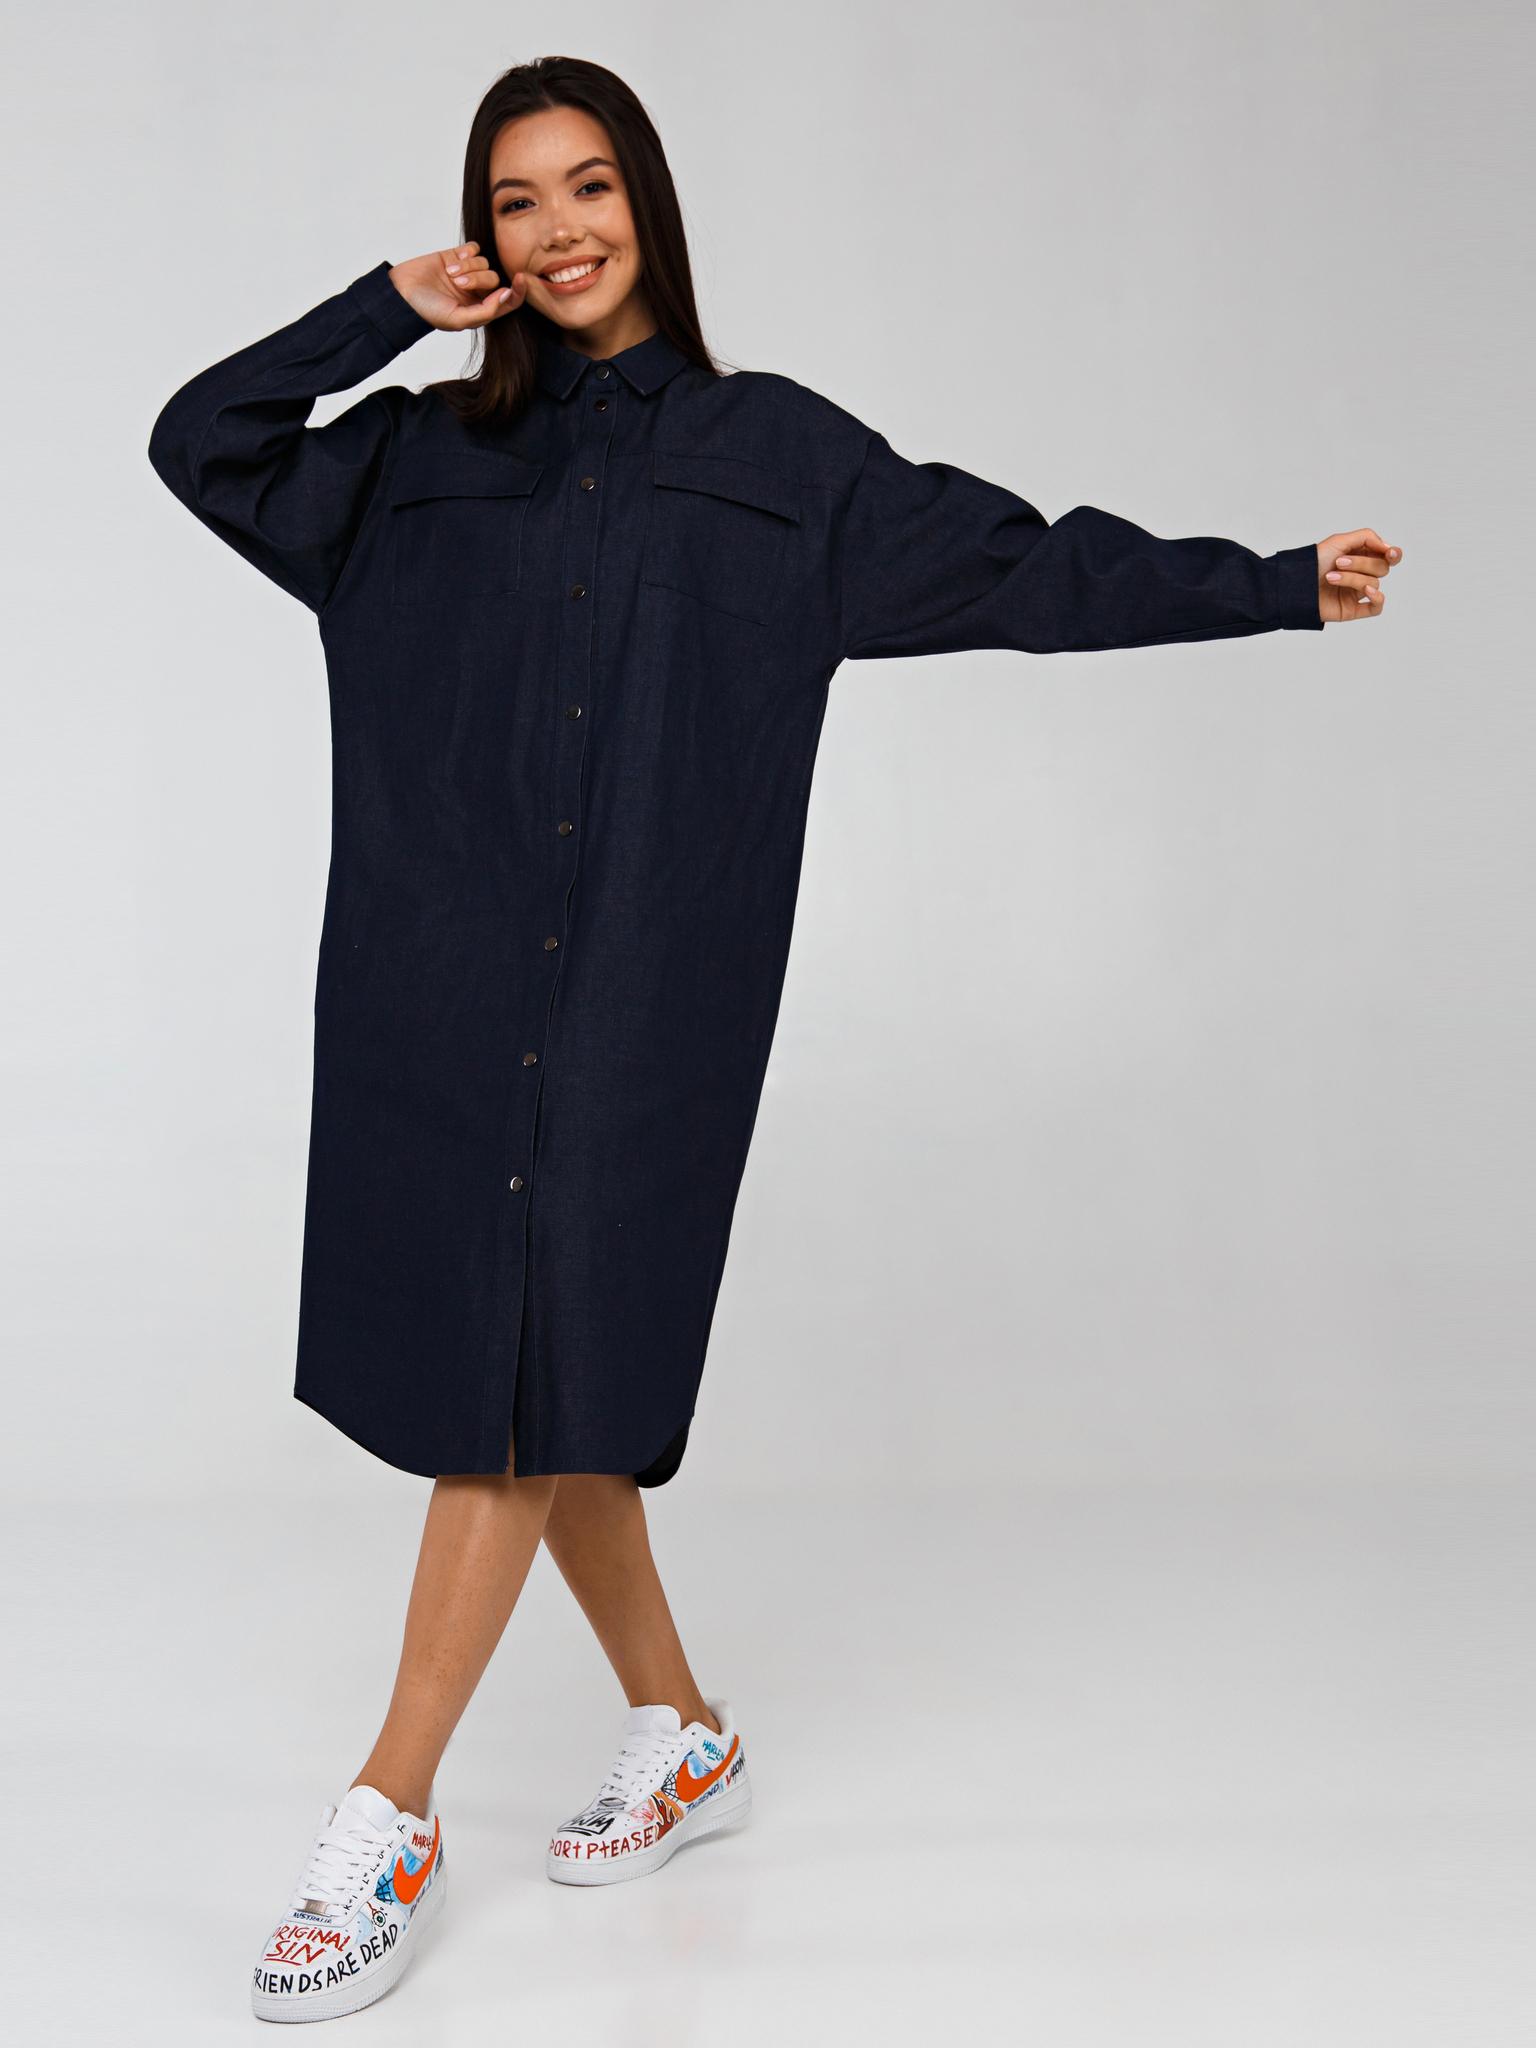 Джинсовое платье-рубашка YOS от украинского бренда Your Own Style